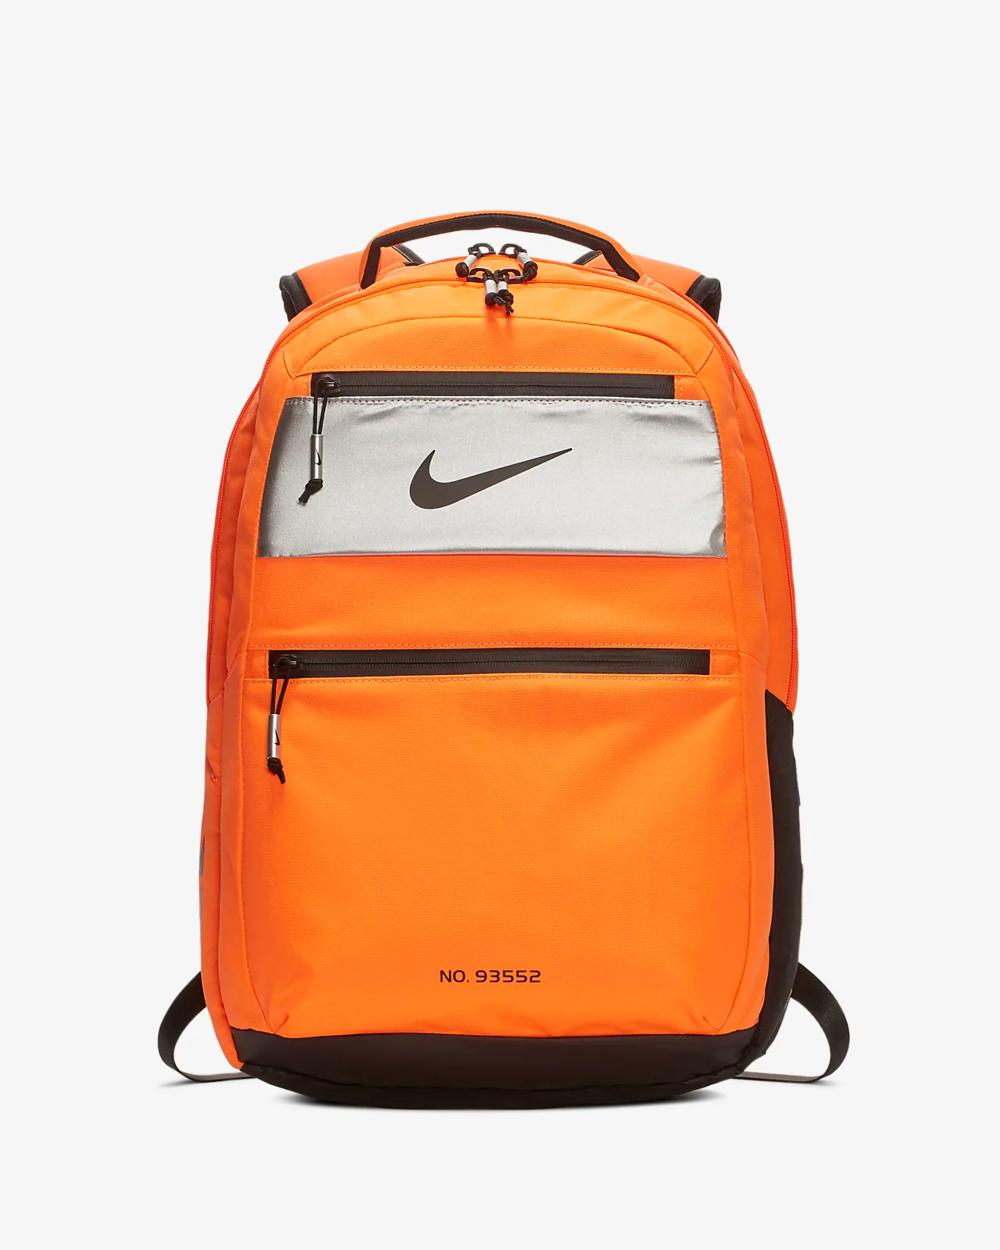 903dd6334fff On Sale  NASA x Nike PG Departure Backpack in Orange — Sneaker Shouts